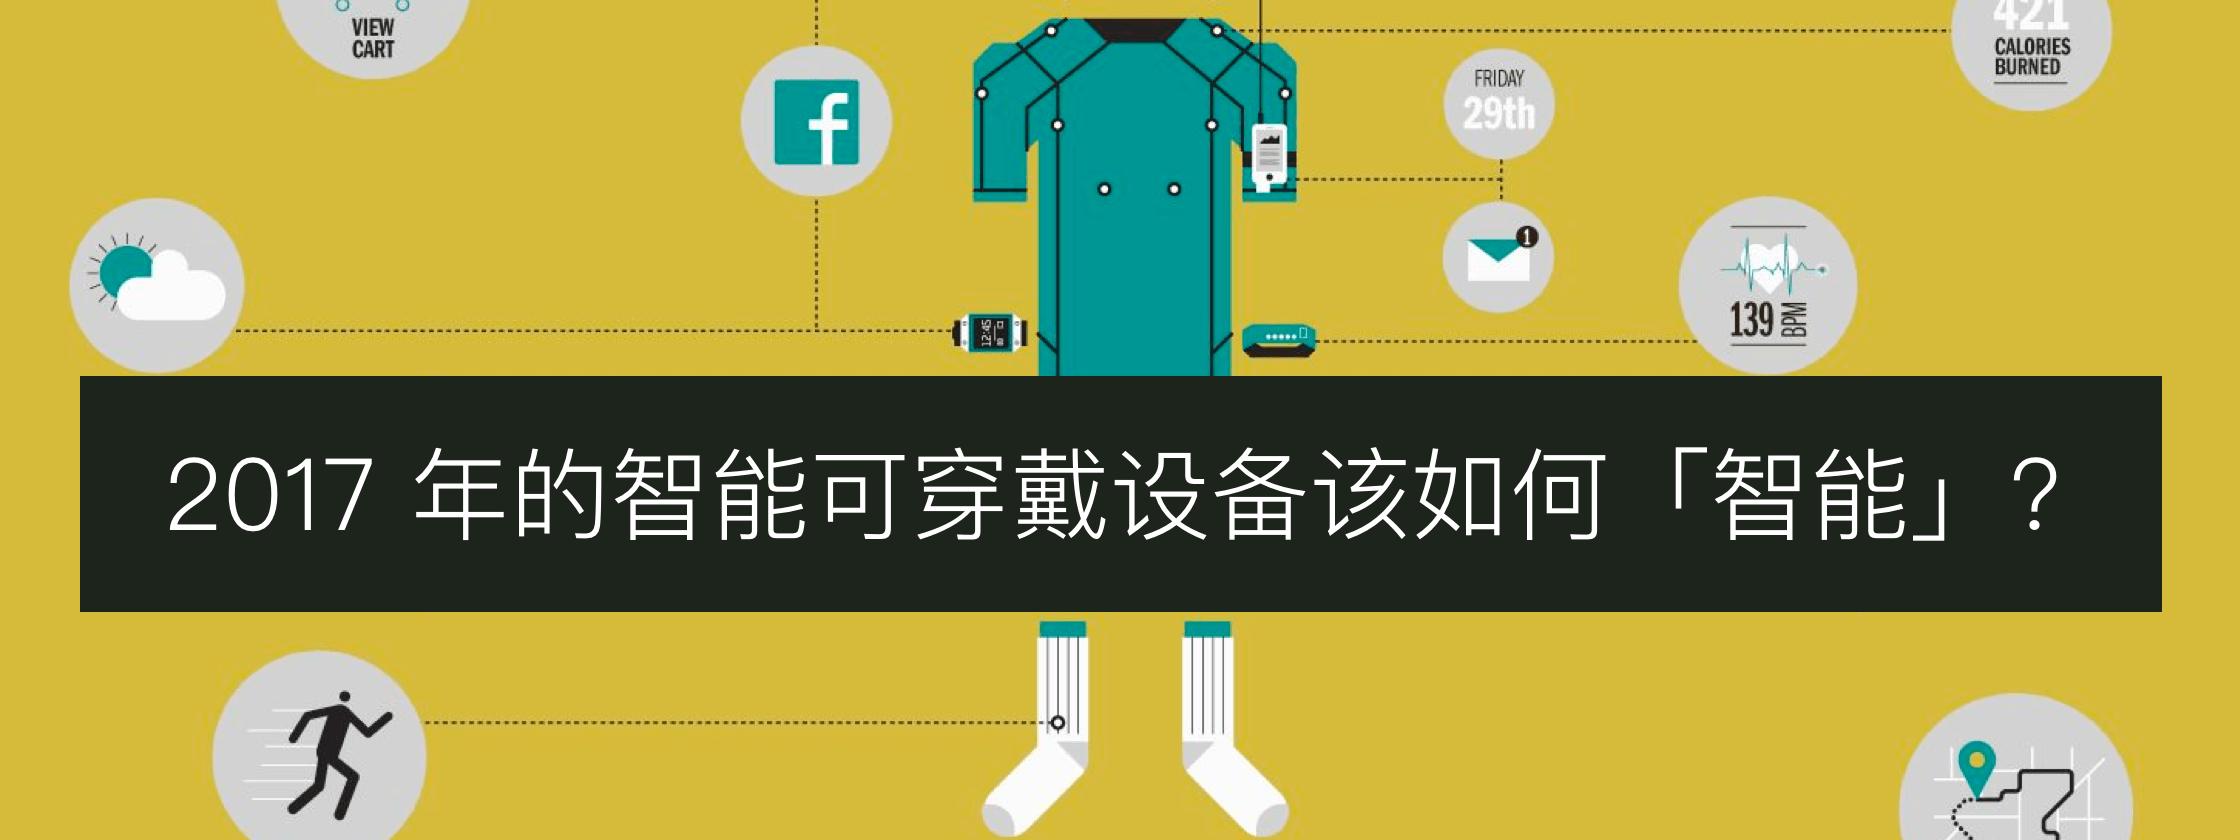 2017 年的智能可穿戴设备该如何「智能」?